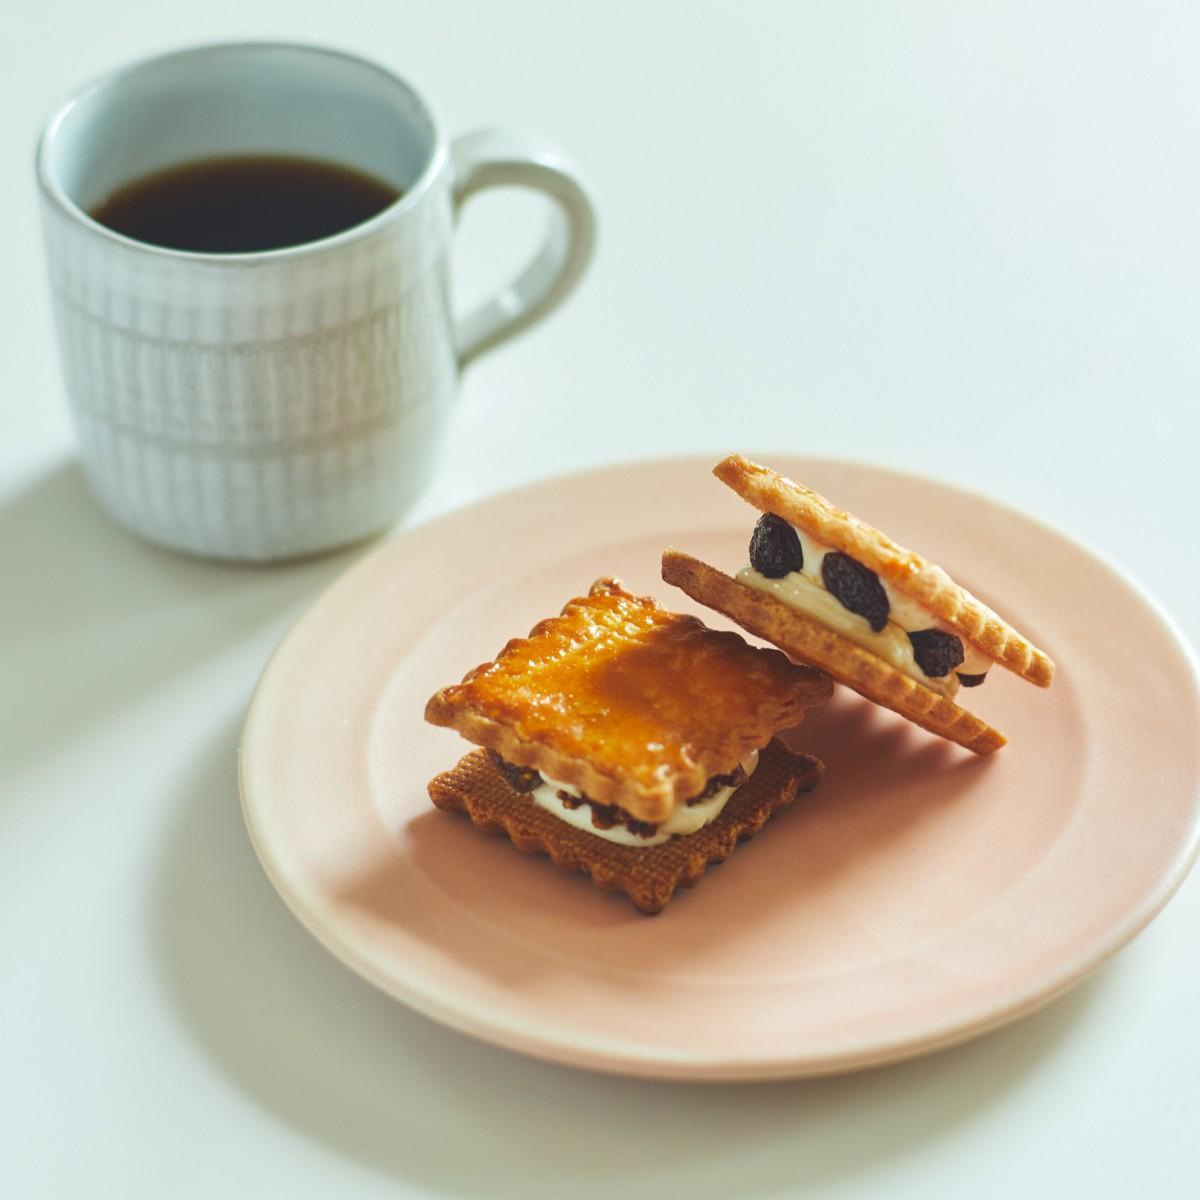 カフェ ソメイエのオーガニックレーズンとイチジクのバターサンド(撮影:吉森慎之介)